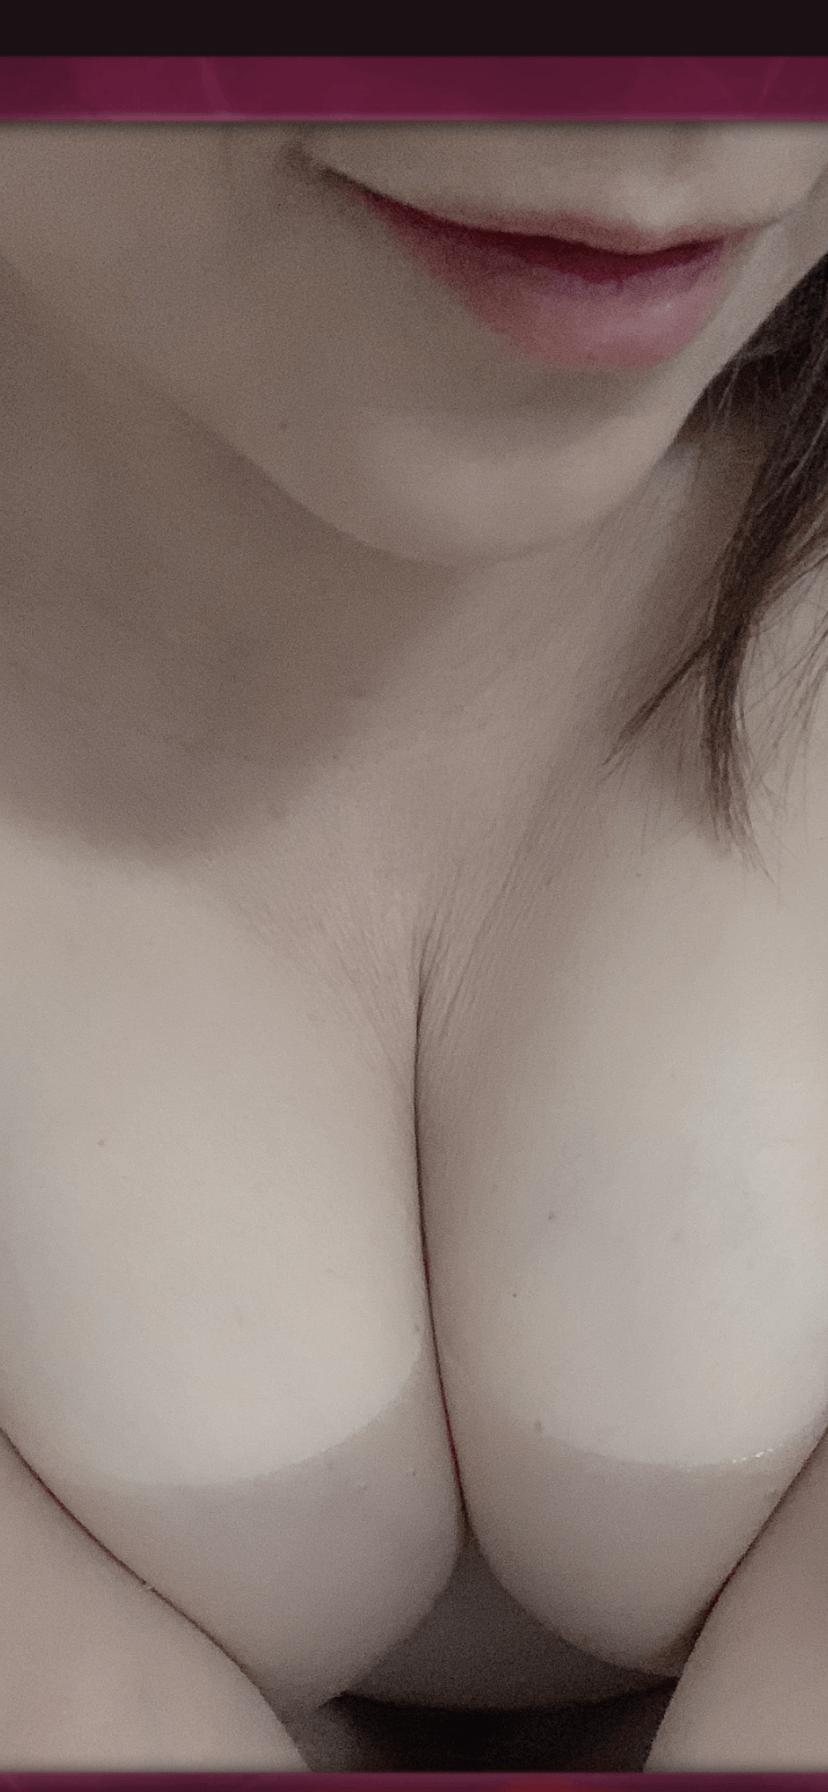 「おはようございます」09/18(09/18) 09:48 | 安田の写メ・風俗動画